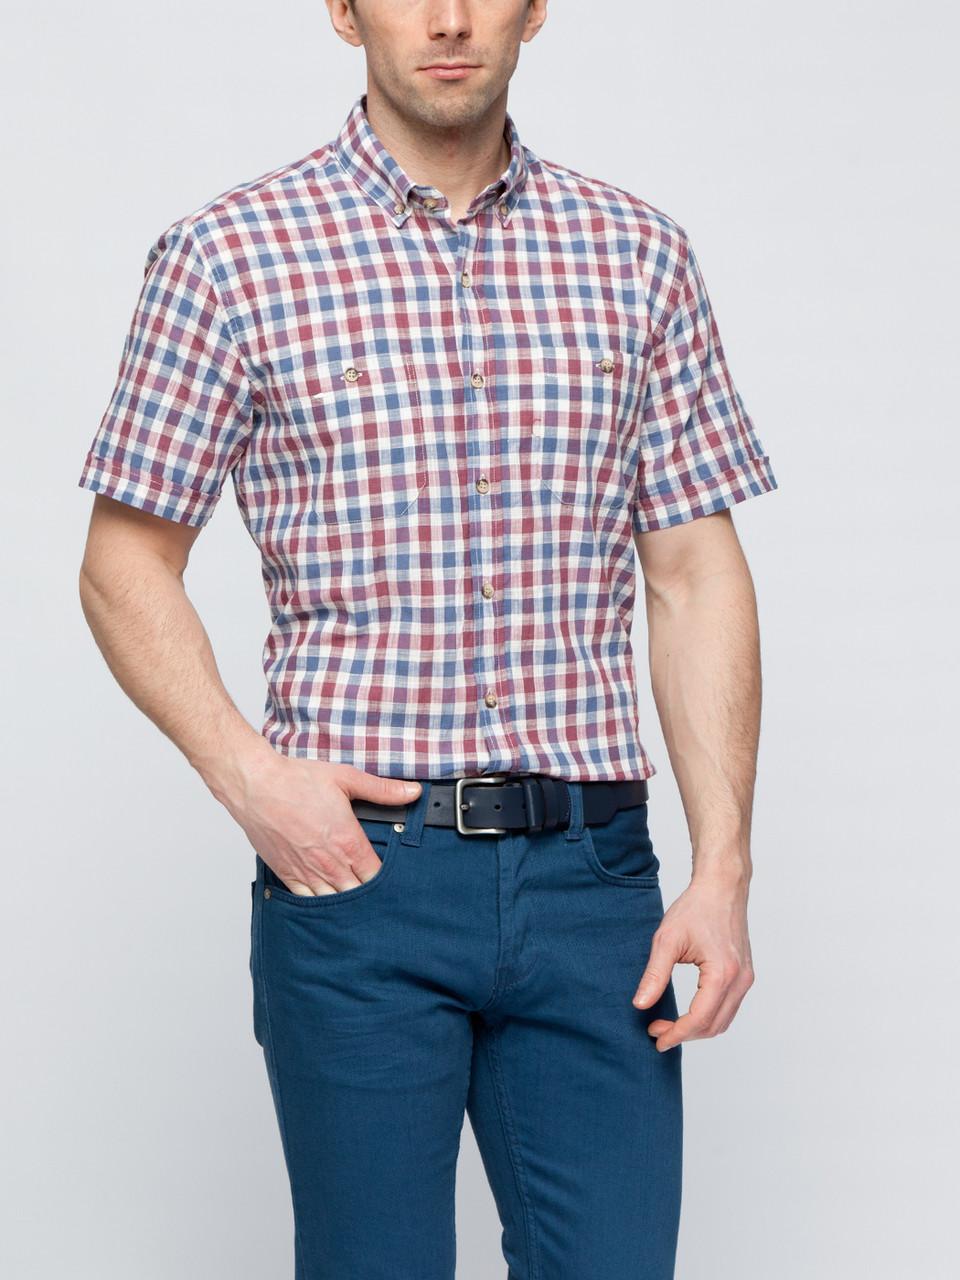 24364c155cc Мужская рубашка LC Waikiki   ЛС Вайкики с коротким рукавом в бело-красно- синюю